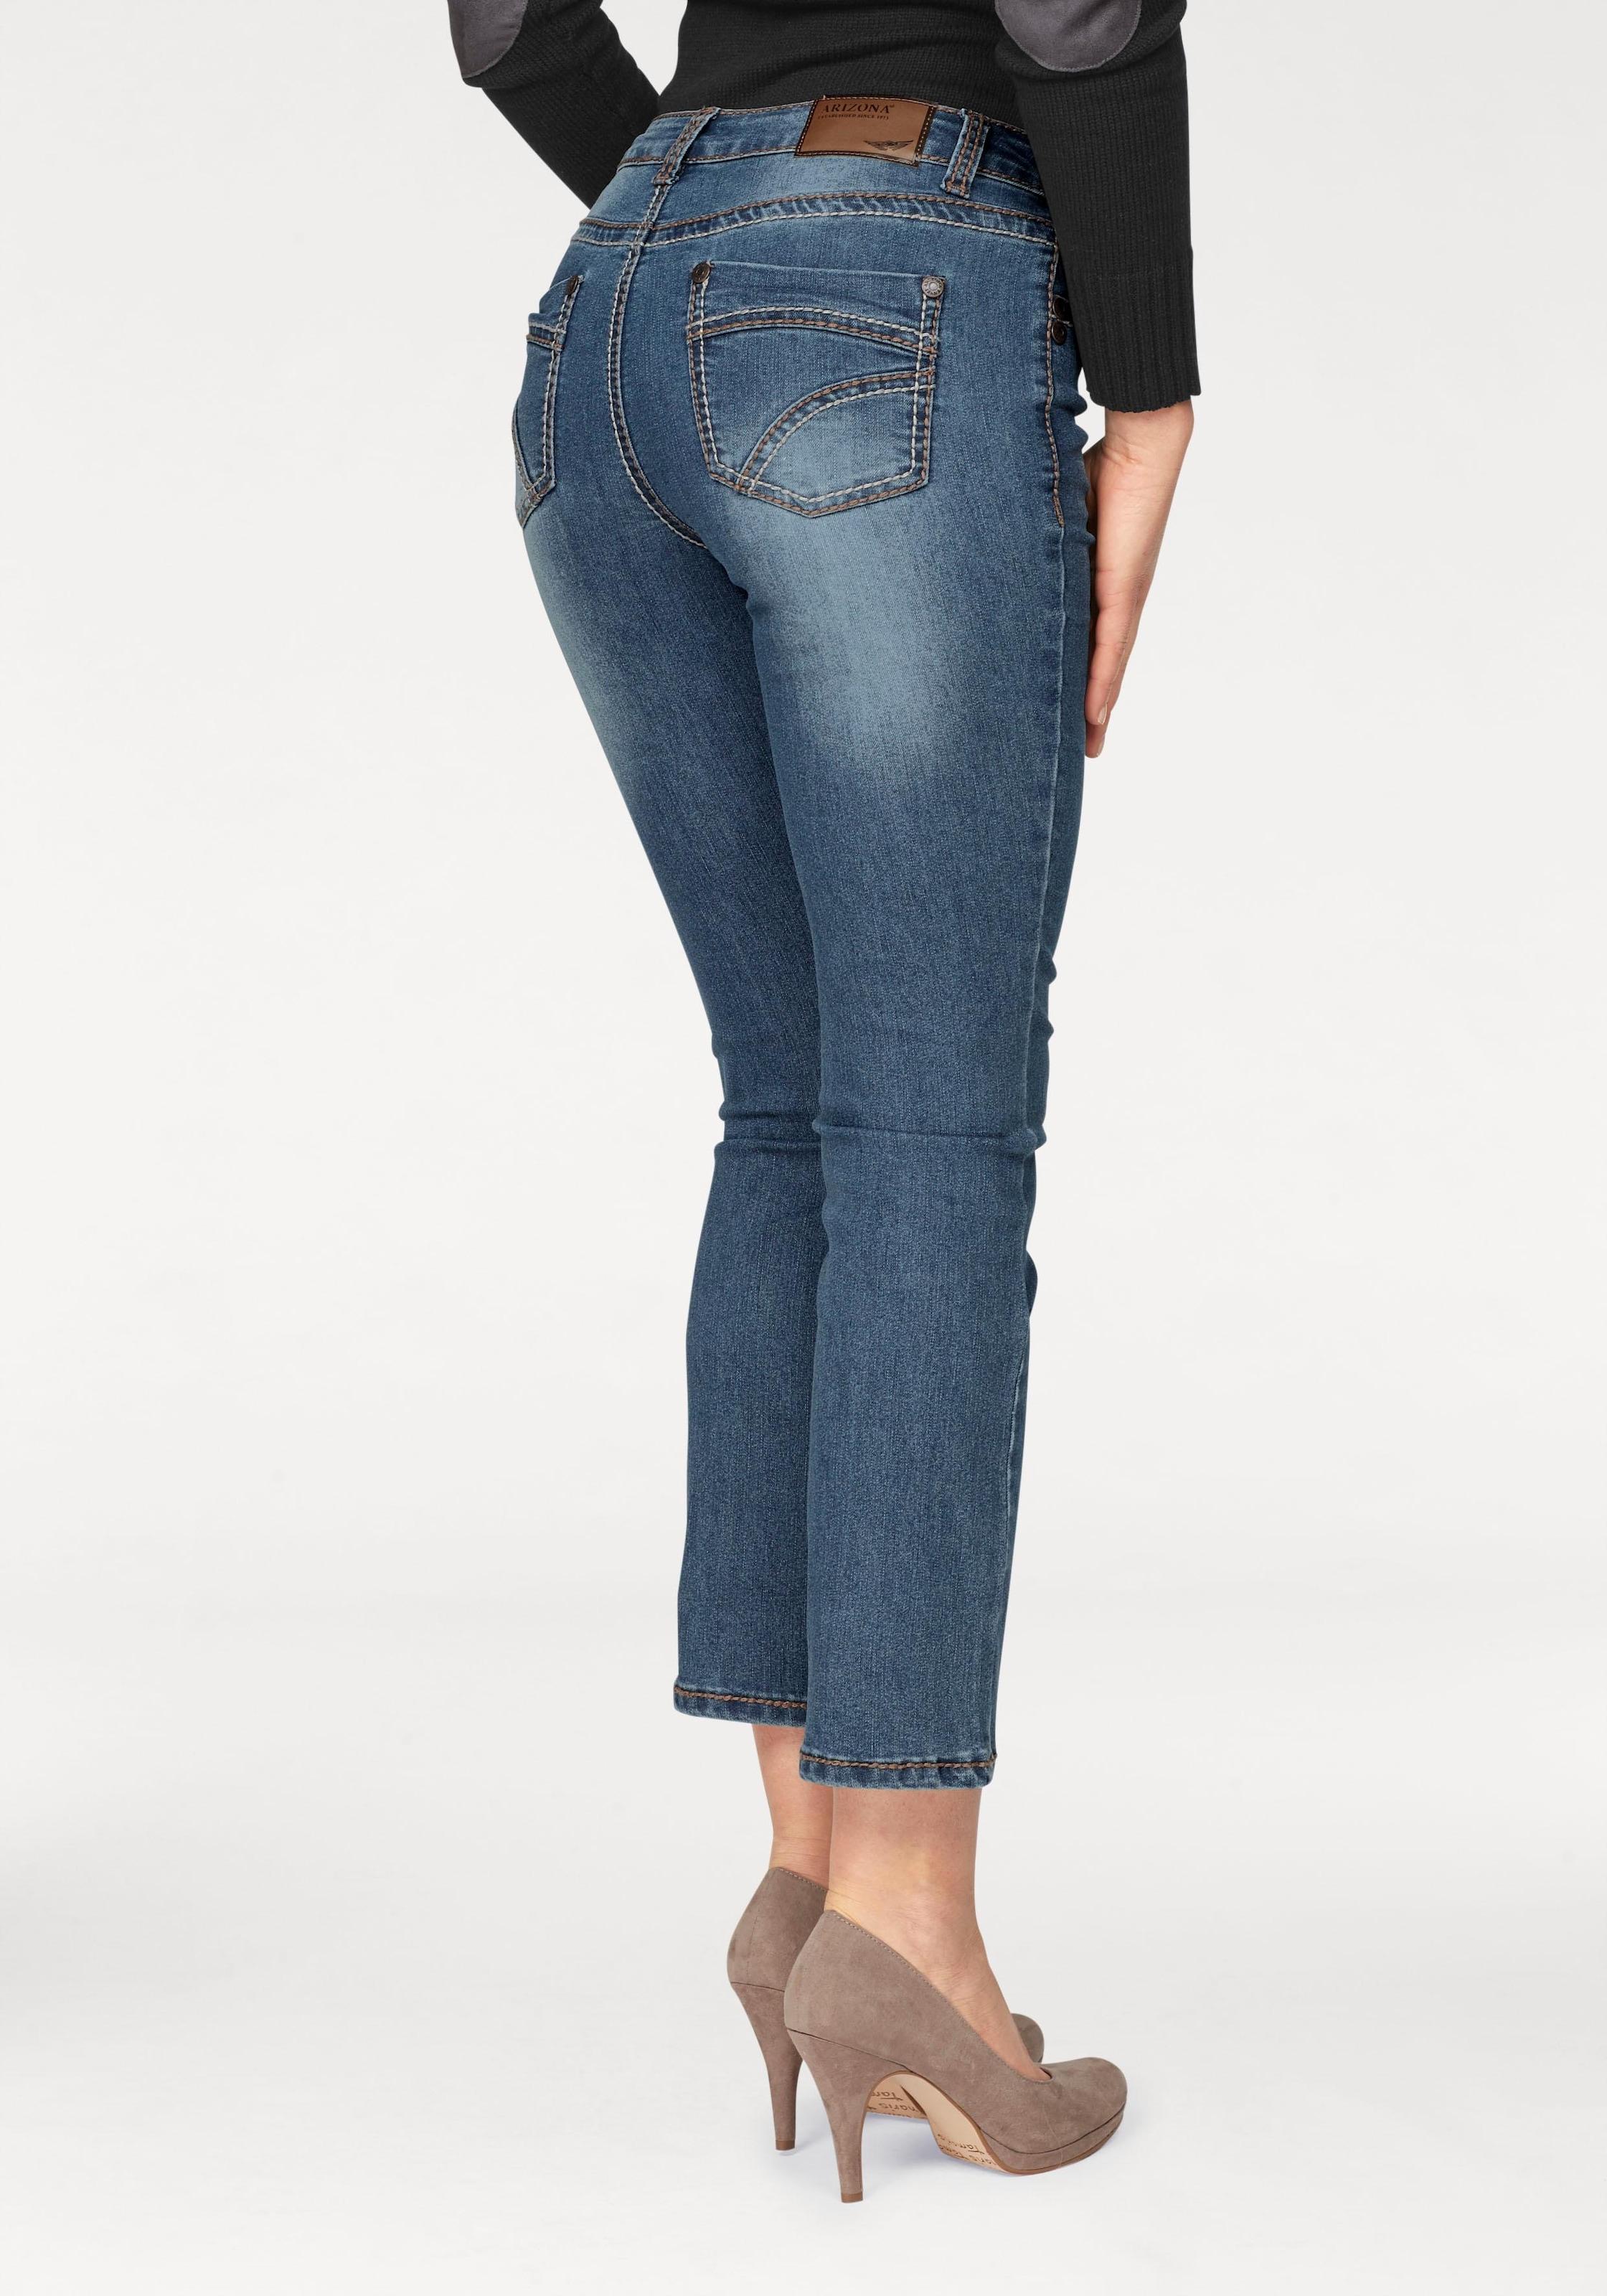 Image of Arizona 7/8-Jeans »mit Kontrastnähten«